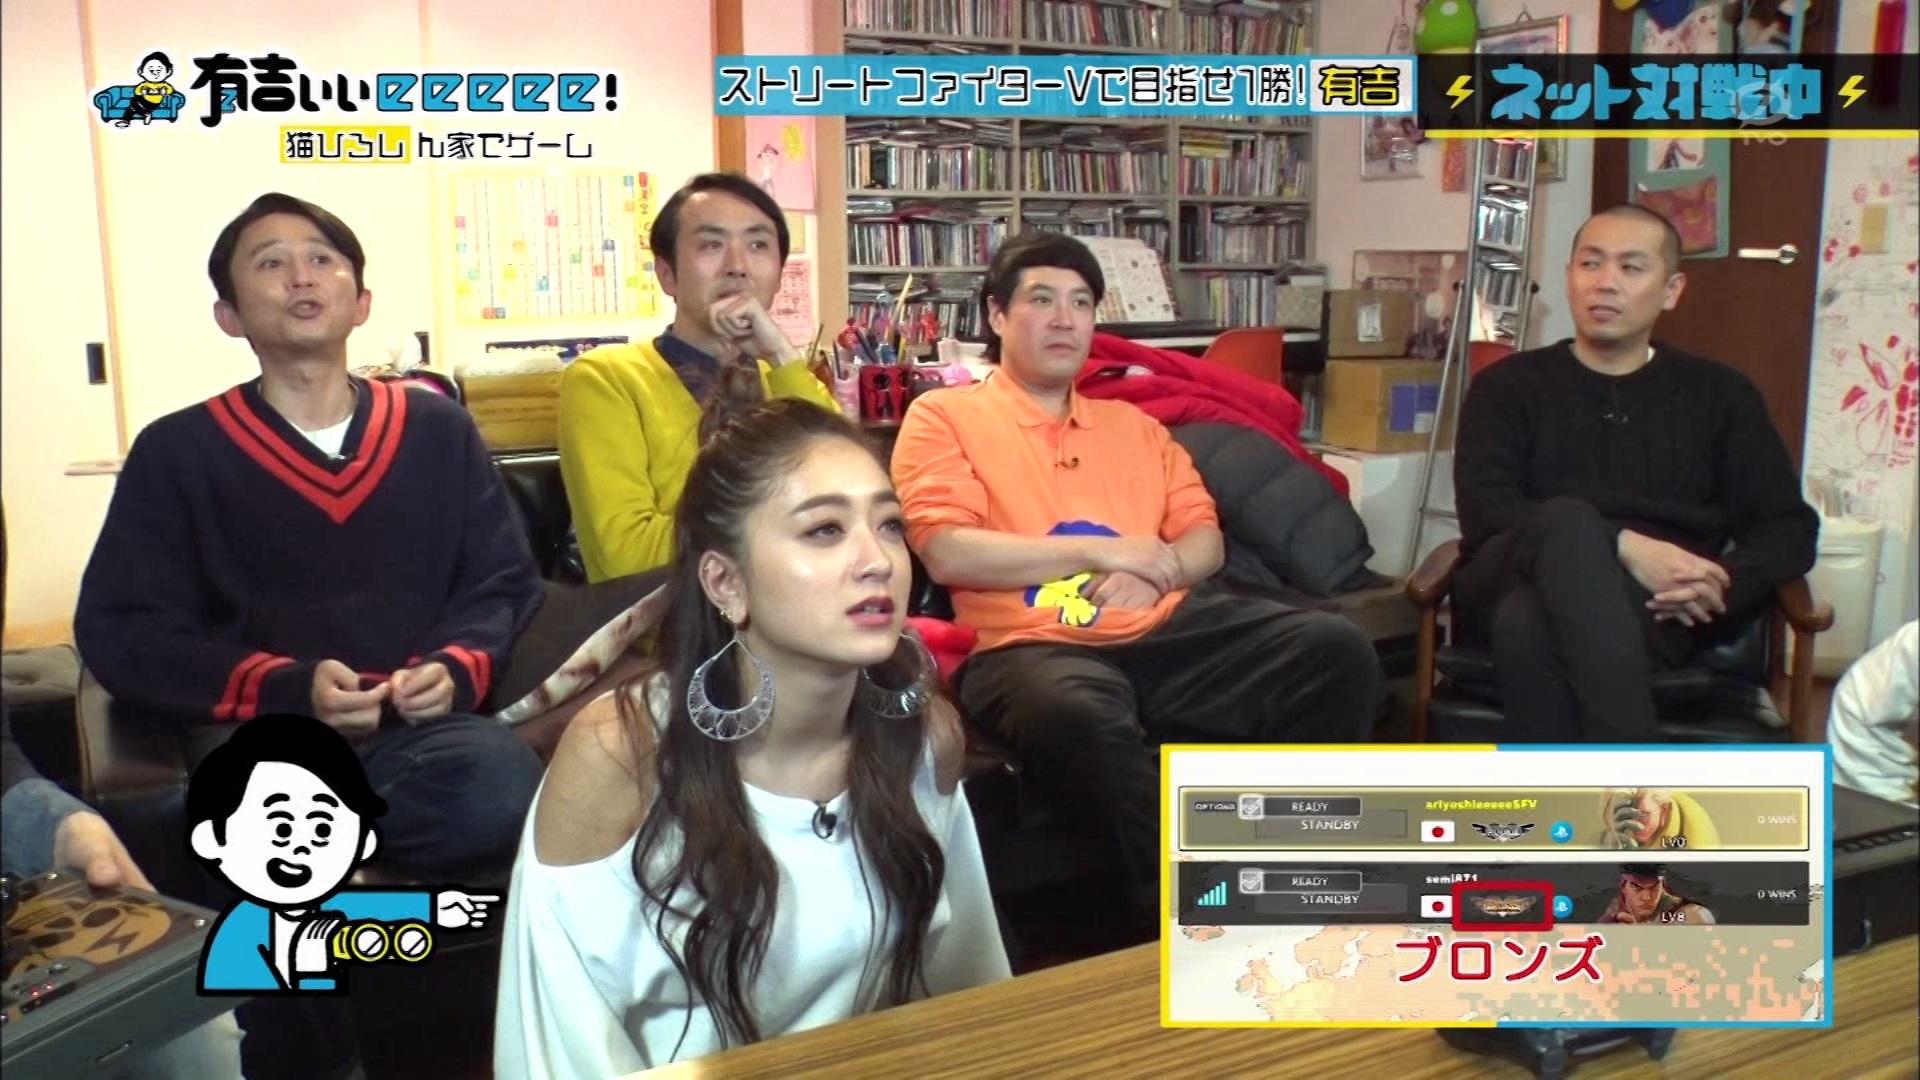 2019年1月27日テレビ東京「有吉ぃぃeeeee!」のテレビキャプチャー画像-052